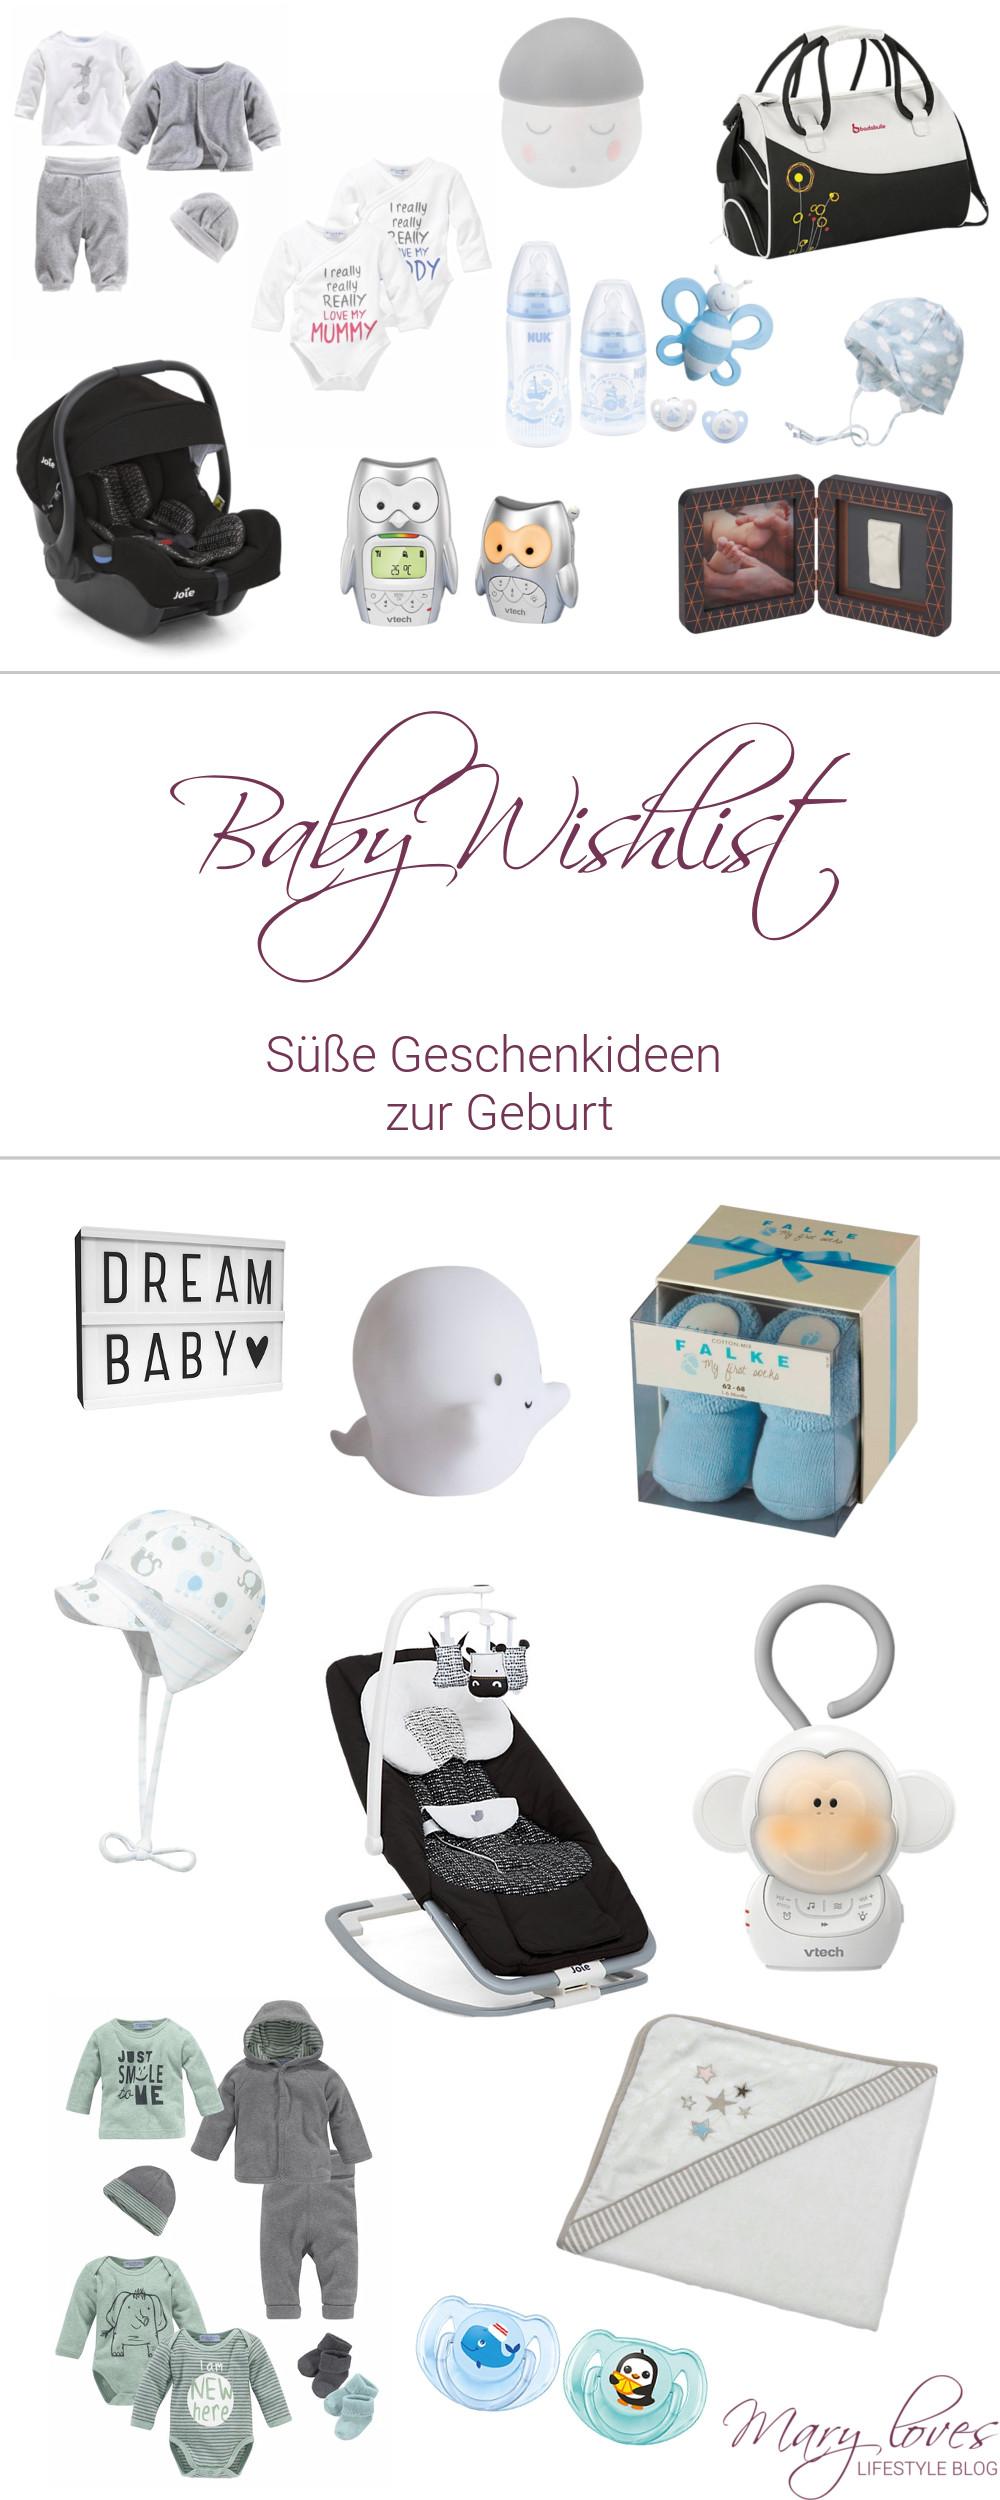 [Werbung unbeauftragt] Schwangerschafts-Update 35. Woche & unsere Baby Wishlist - #wishlist #baby #babywishlist #schwangerschaft #geburt #geschenkezurgeburt #geschenkideen #babygeschenke #erstausstattung